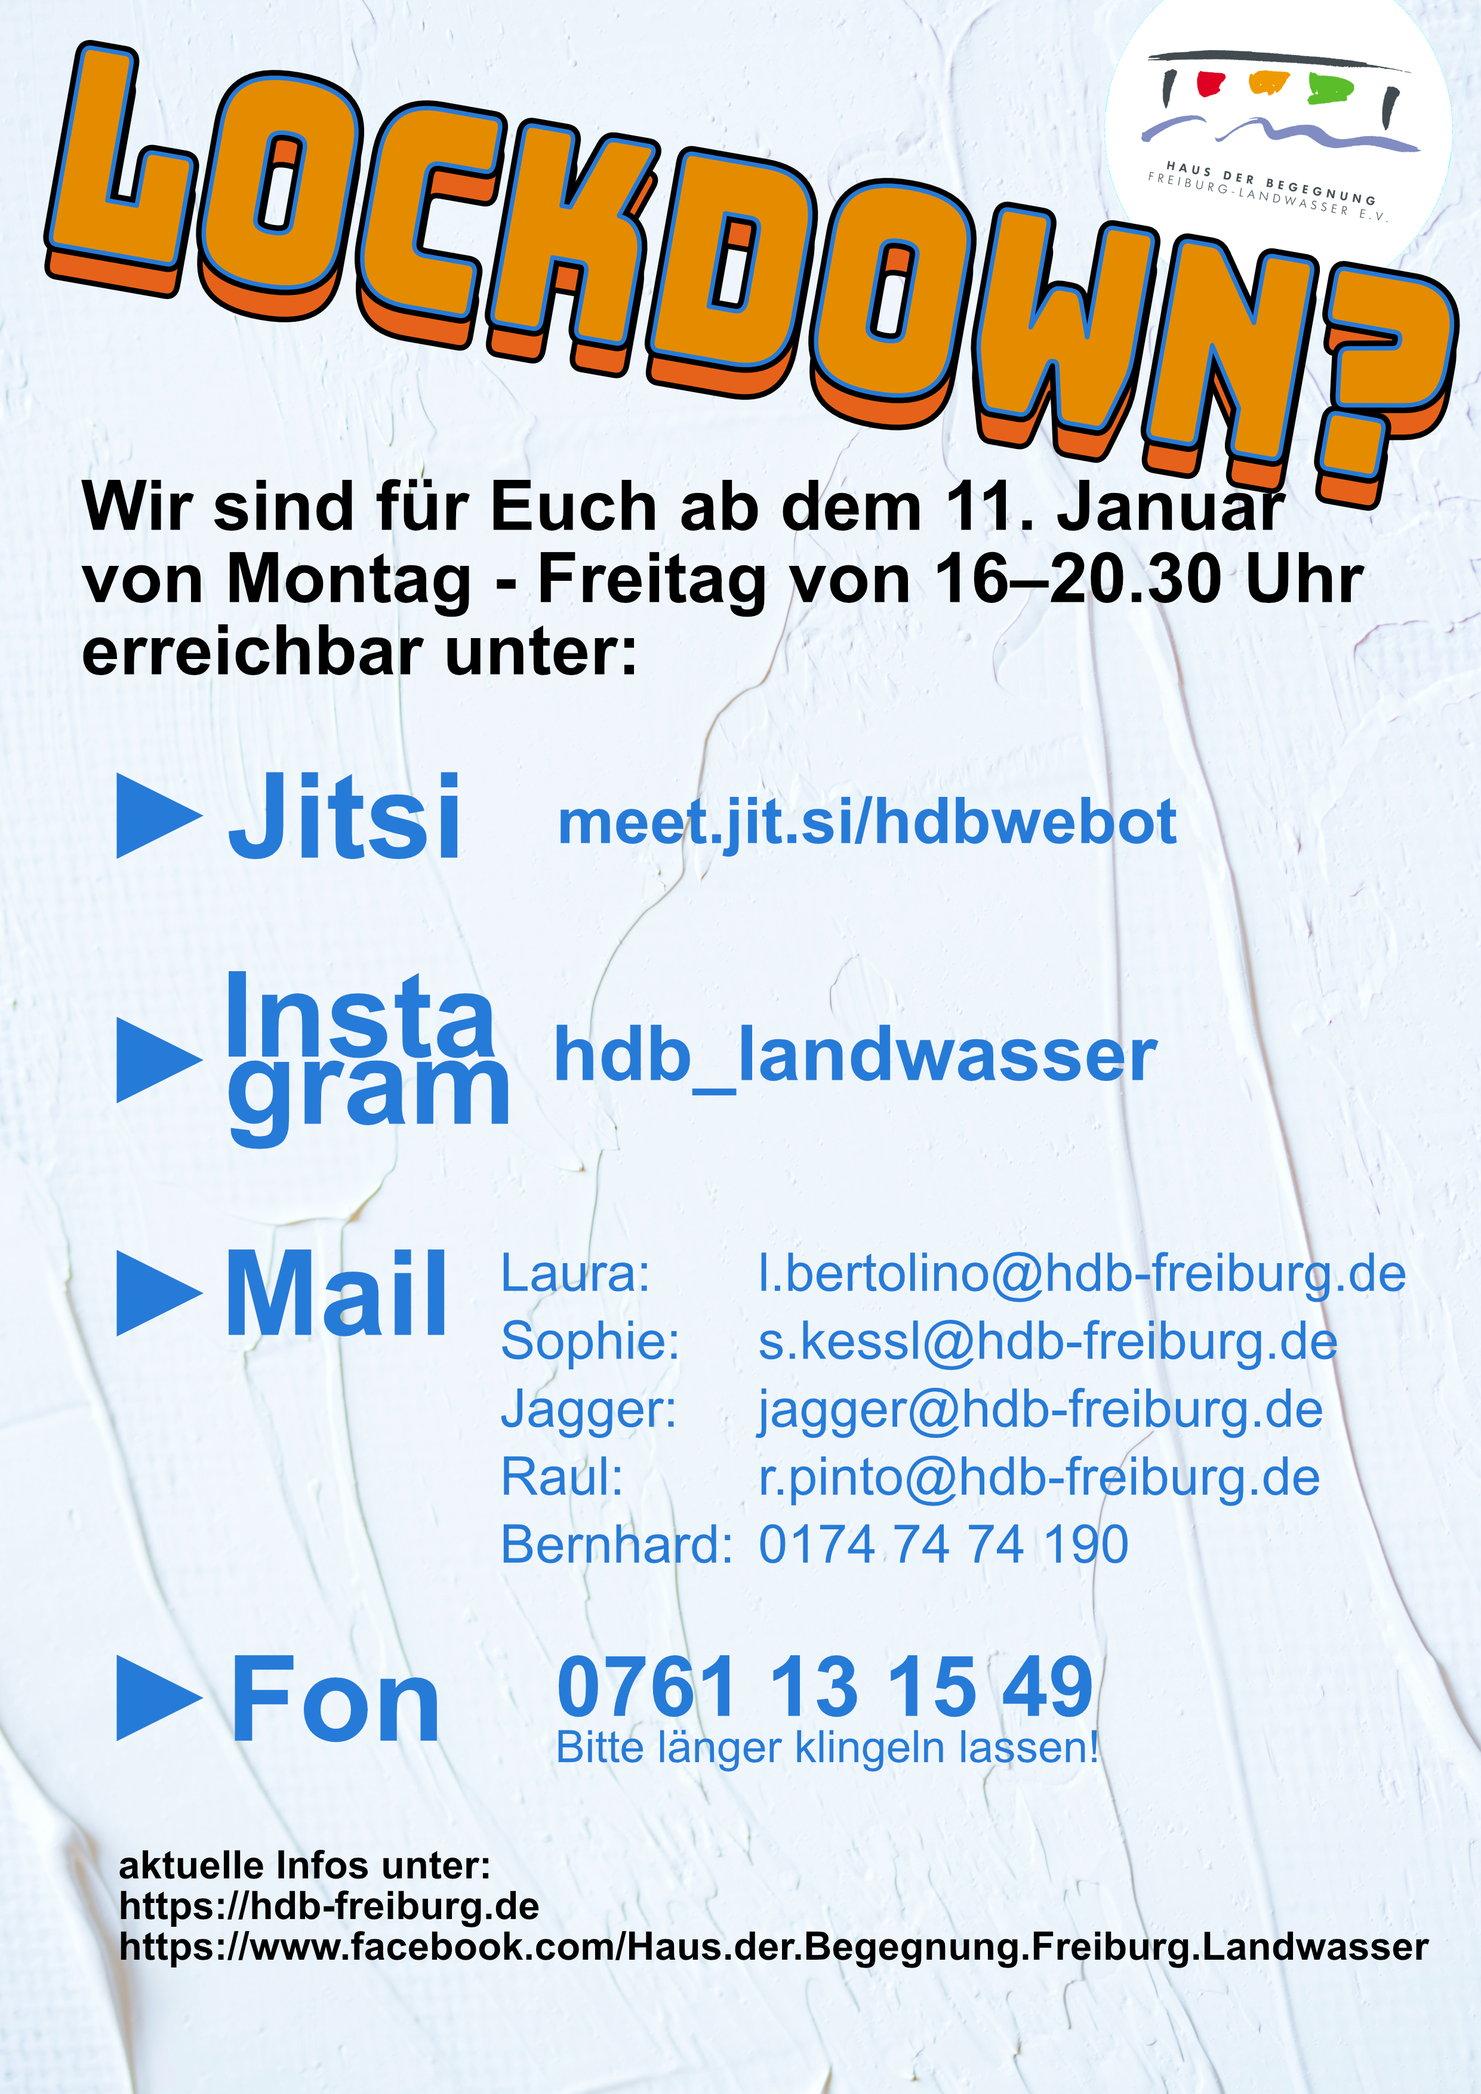 https://hdb-freiburg.de/wp-content/uploads/2020/12/Lockdown-Visitenkarte-Januar.jpg